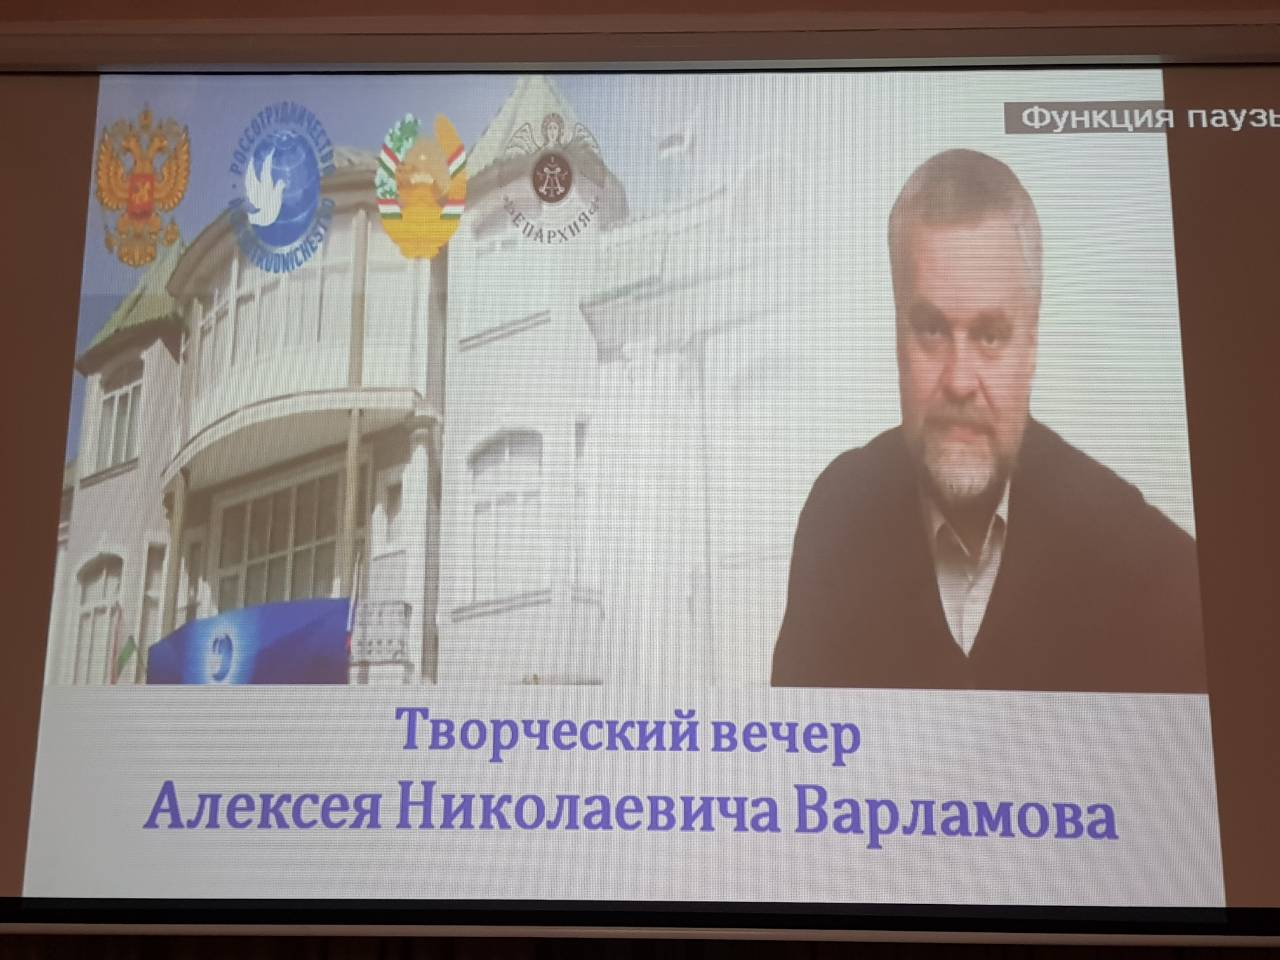 Творческий вечер писателя Варламова А.Н. в Россотрудничестве